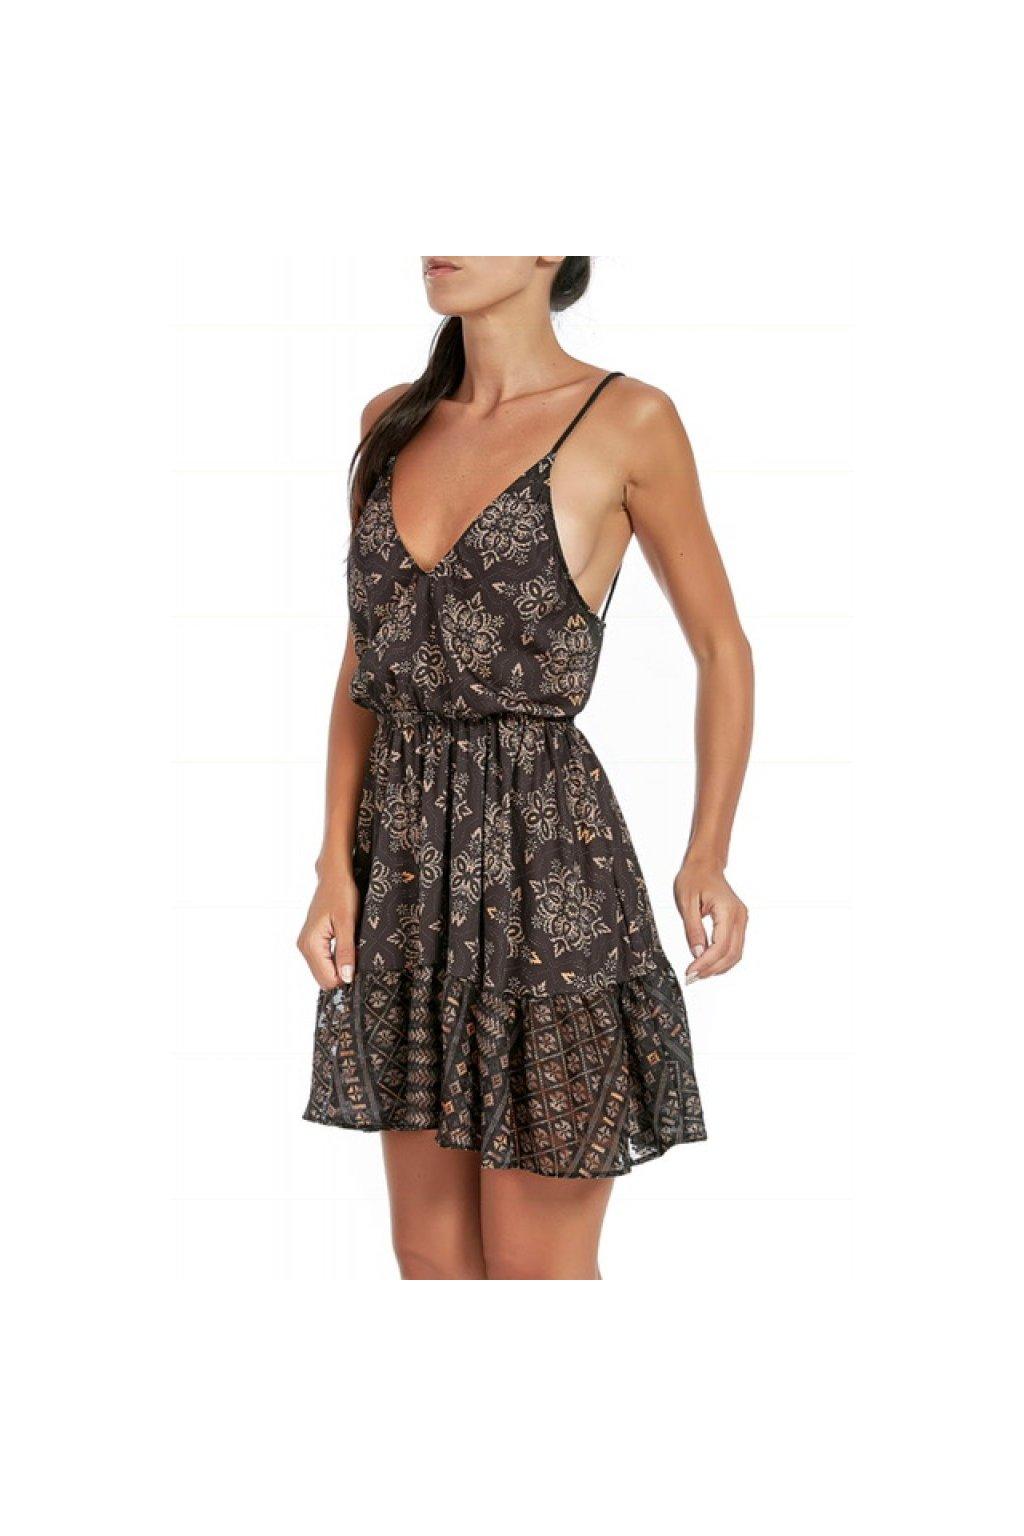 Šaty Effek - krátké, hnědé s holými zády (Velikost Velikost L)